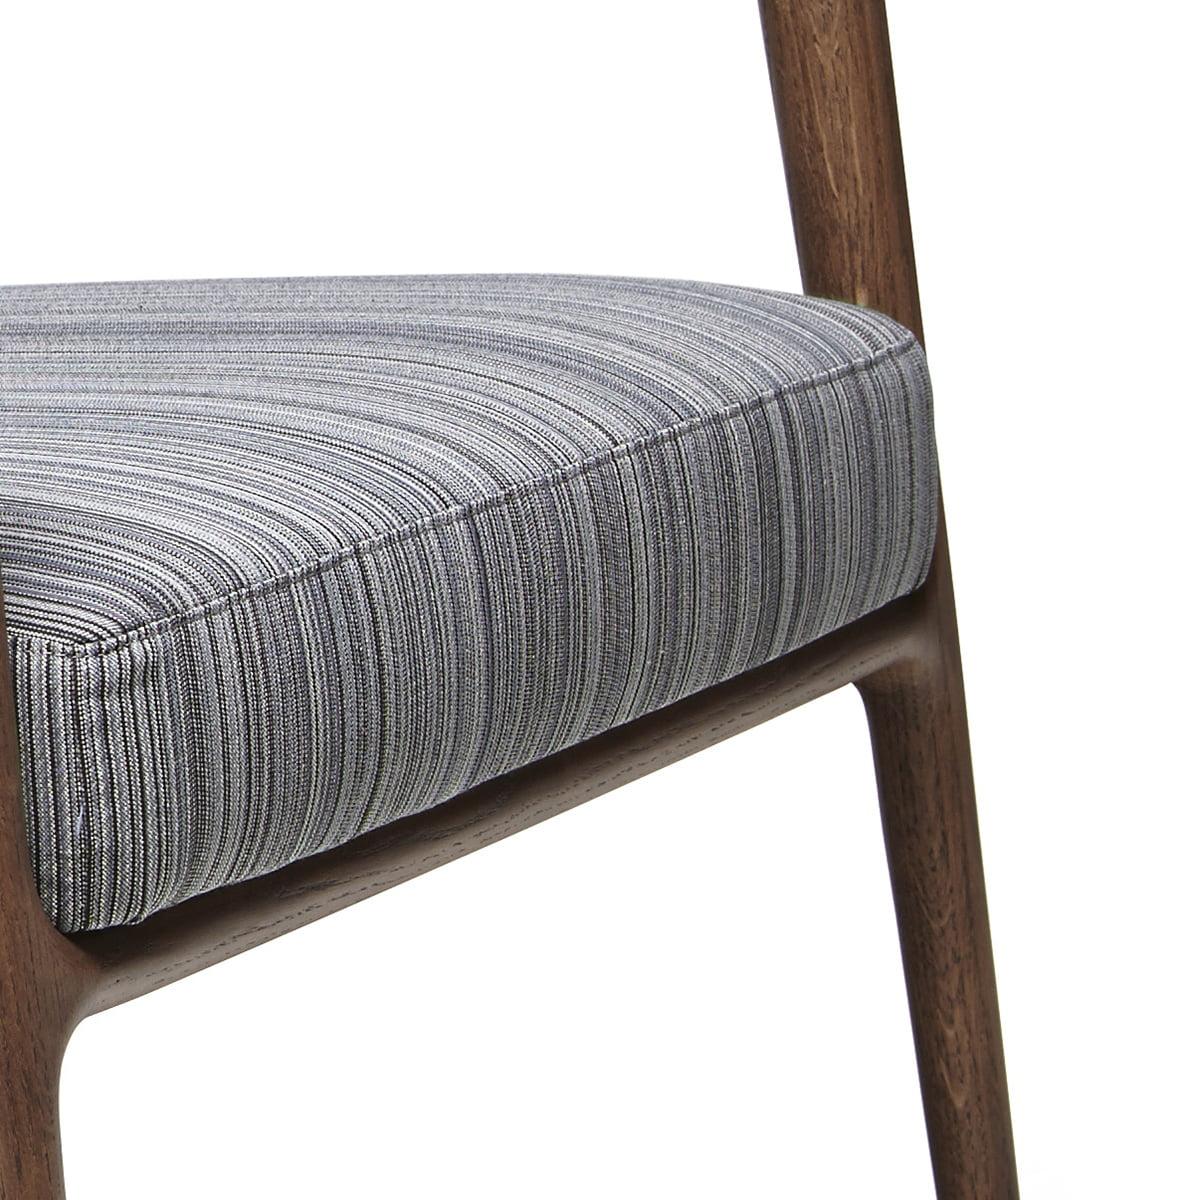 moooi zio lounge chair footrest - Bergroer Sessel Und Ottomane